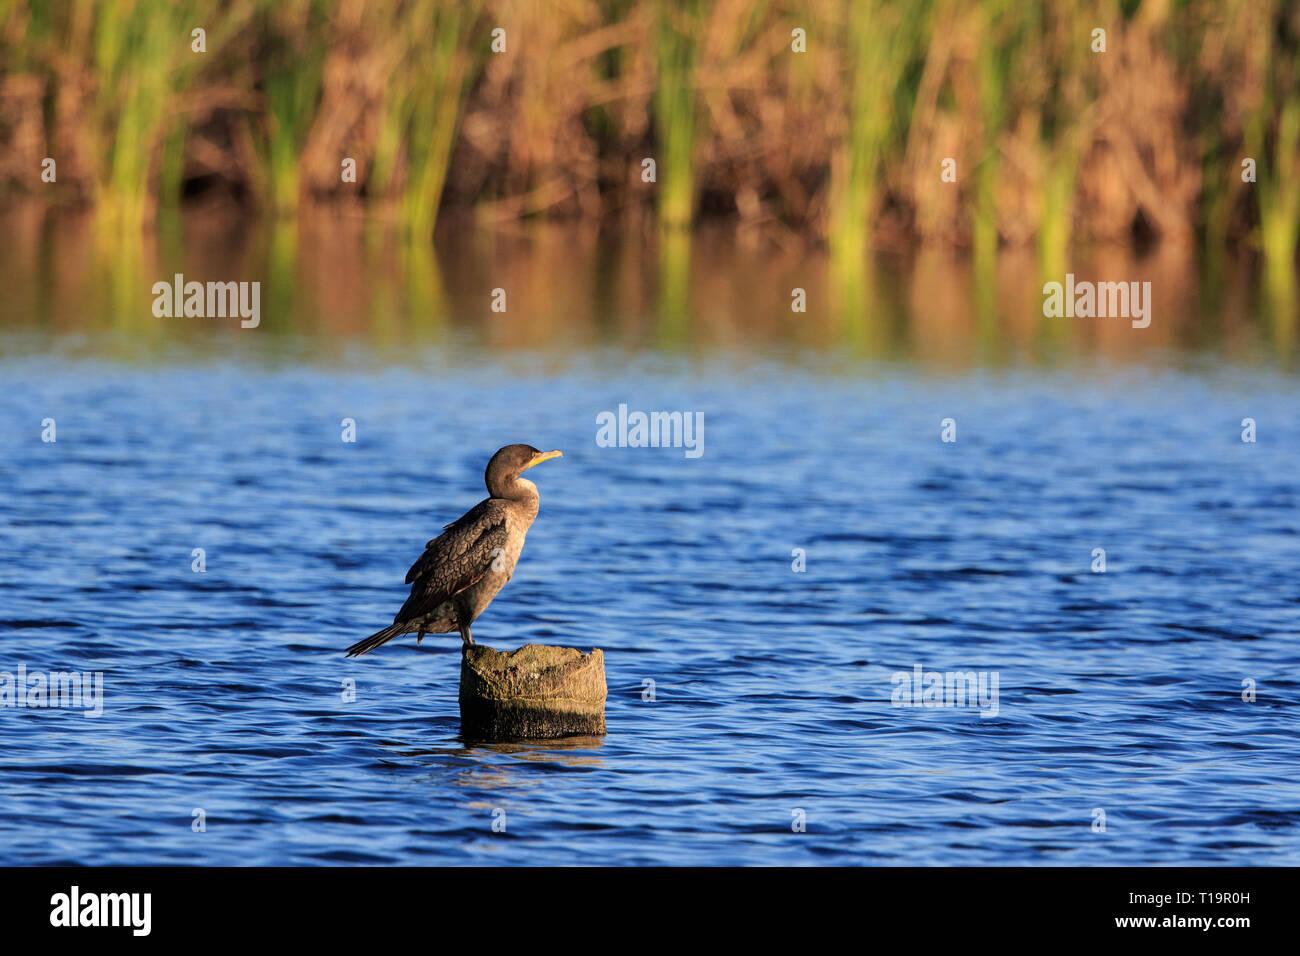 Anhinga  (Anhinga anhinga) sunning itself. - Stock Image